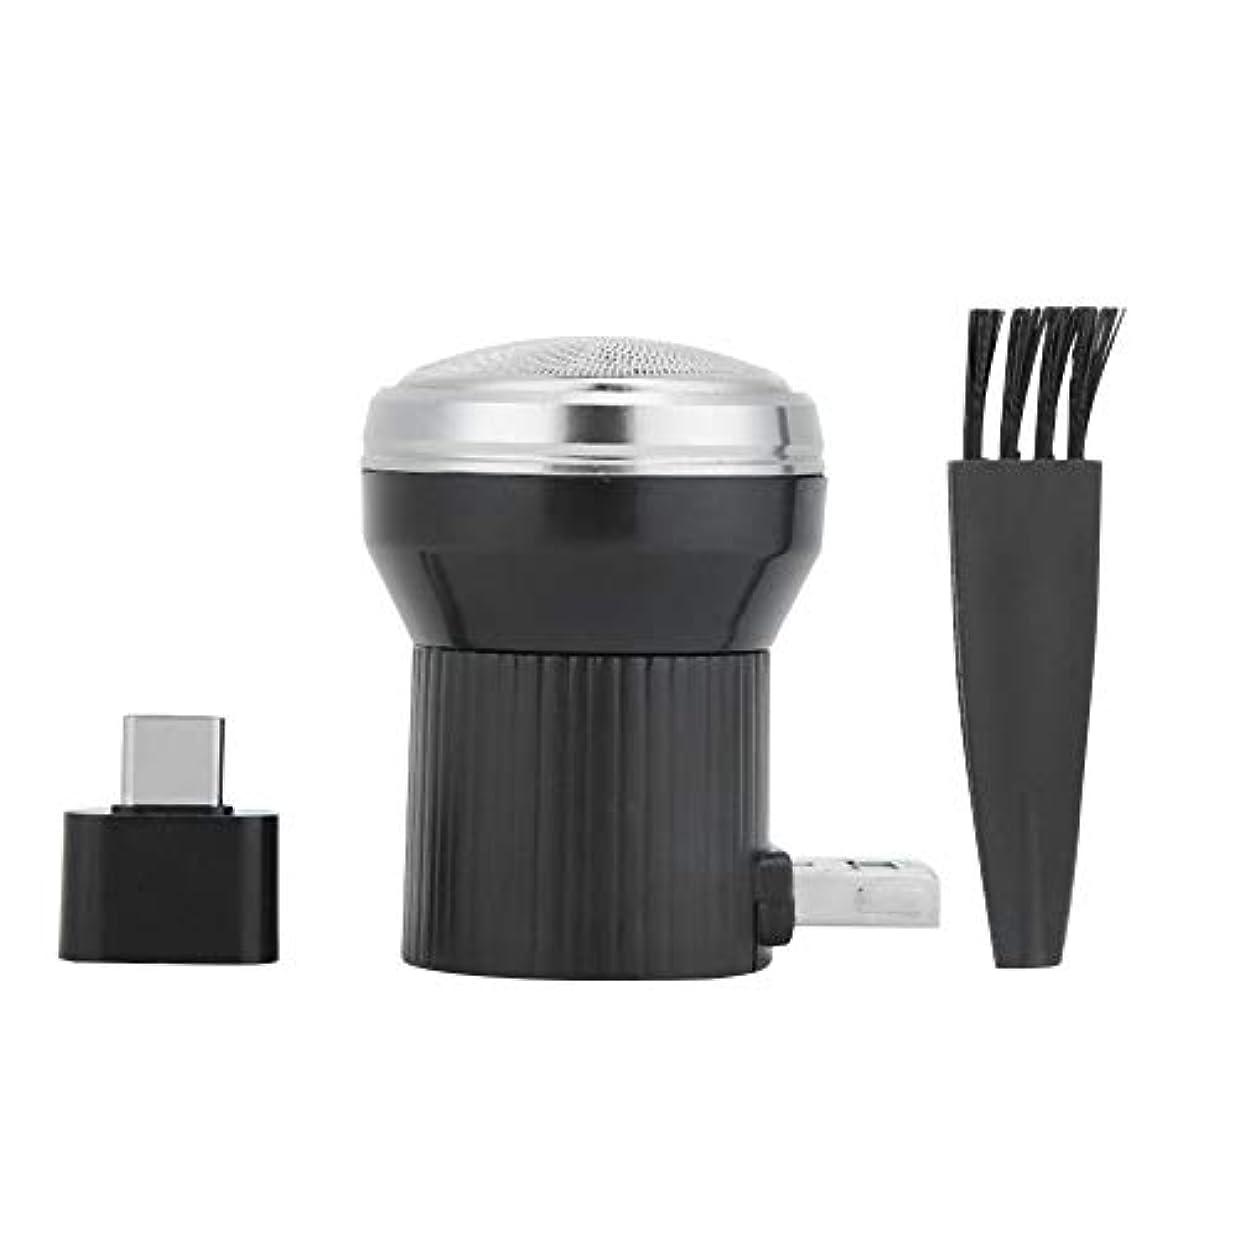 アイザック見つけた箱DC5V 4.5W メンズシェーバー 髭剃り 回転式 USBシェーバー 携帯電話/USB充電式 持ち運び便利 電気シェーバー USBポート